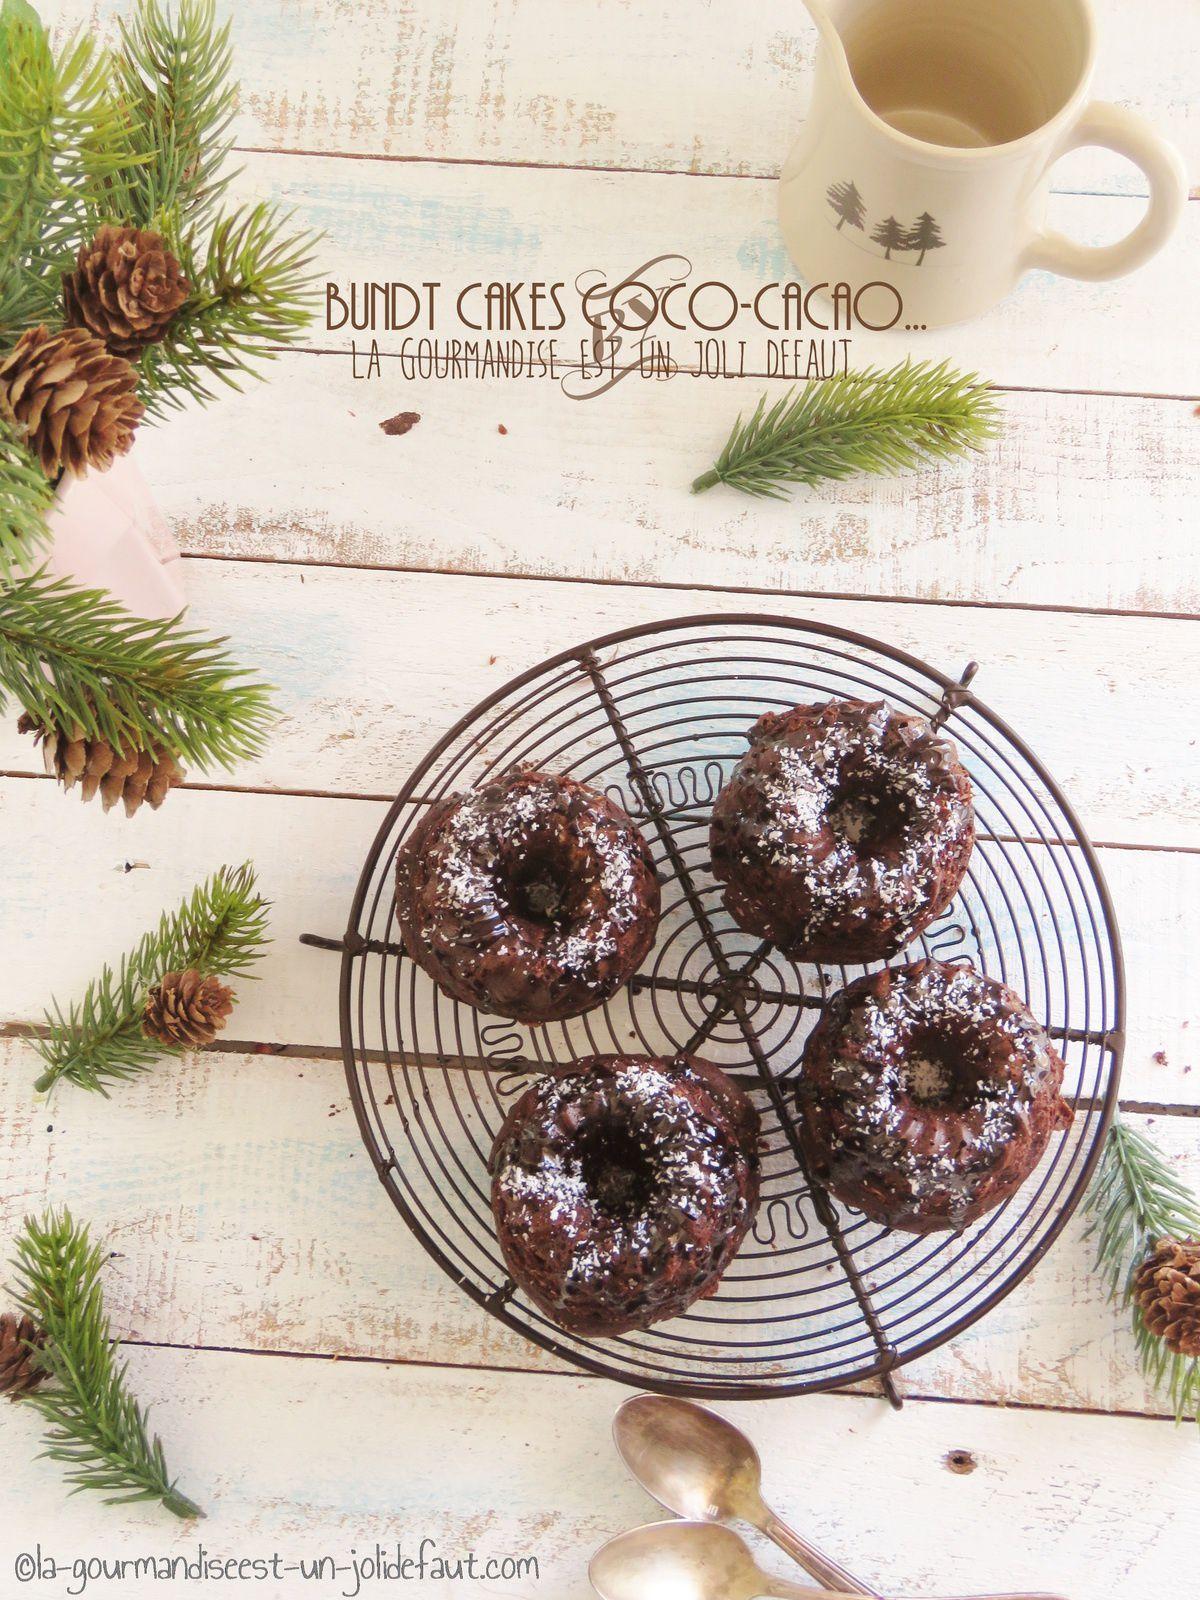 Mini bundt cakes coco-cacao {farine d'épeautre}